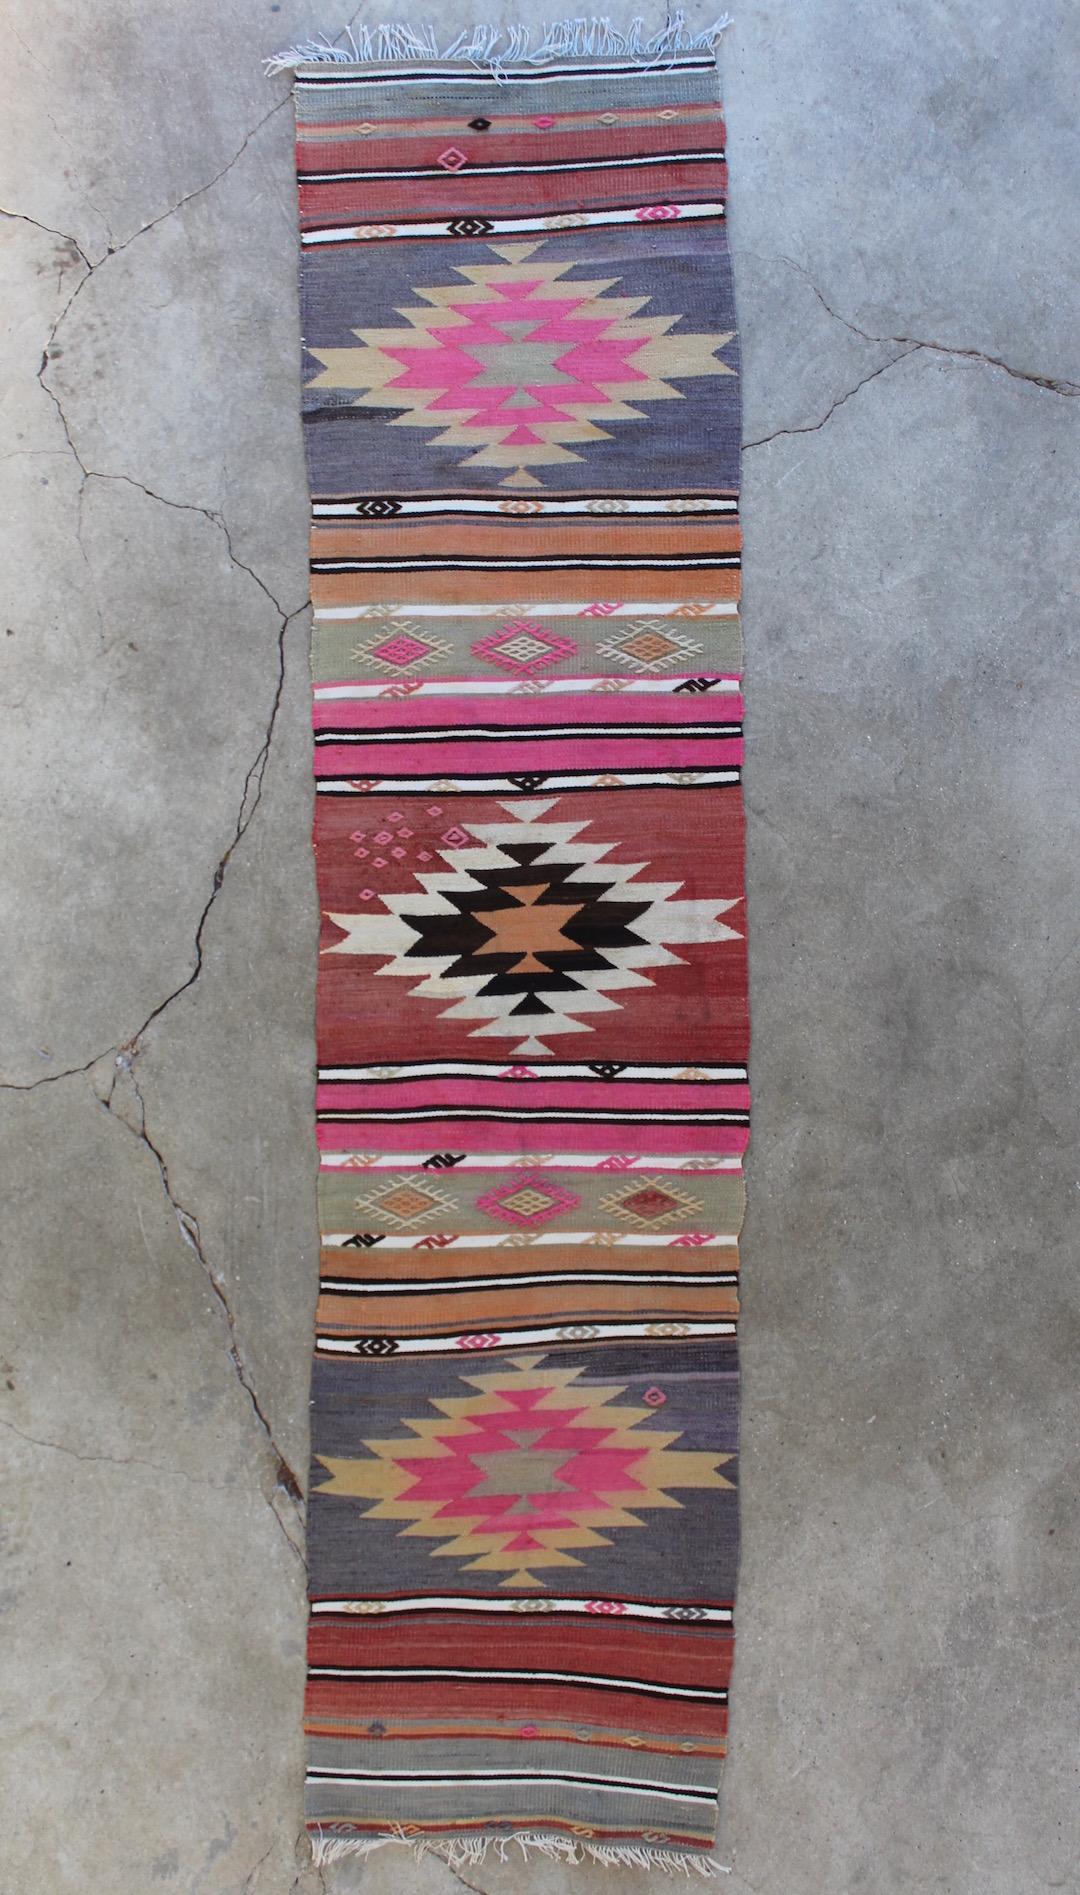 Flot-kelimloeber-med-pink-farver-str-55-x-233